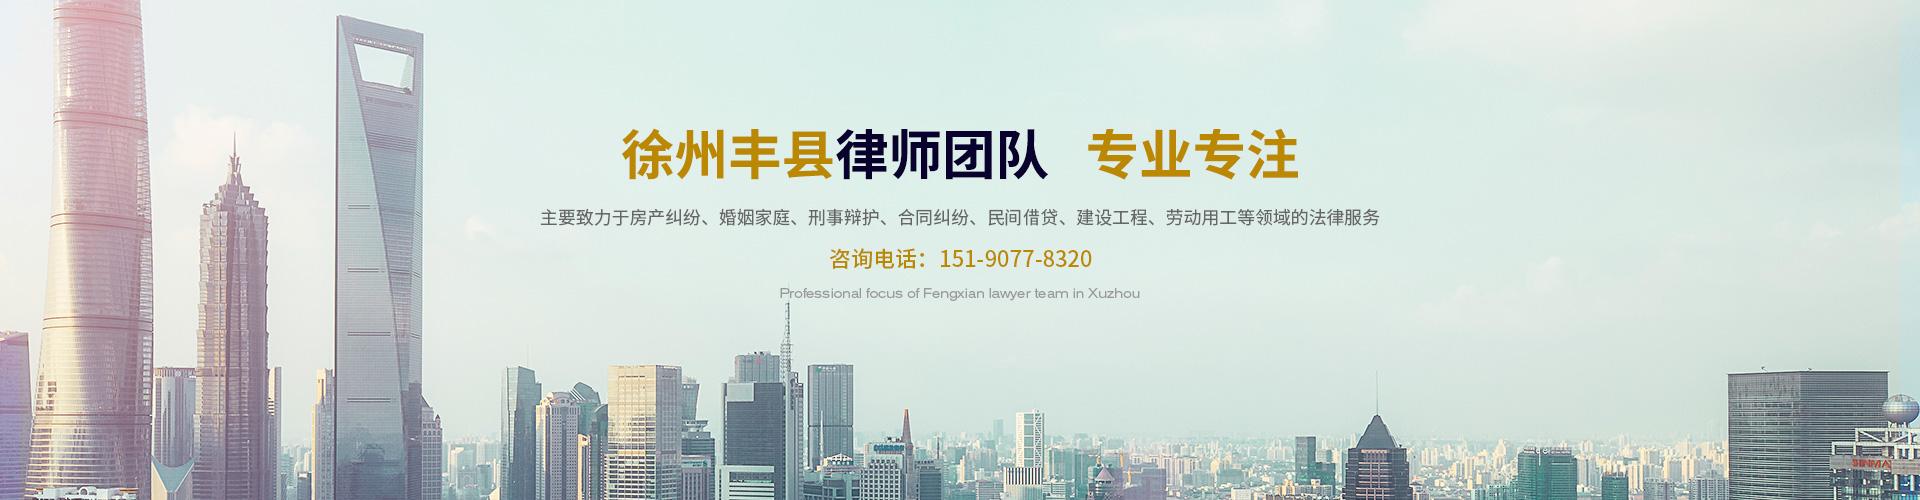 徐州丰县律师团队